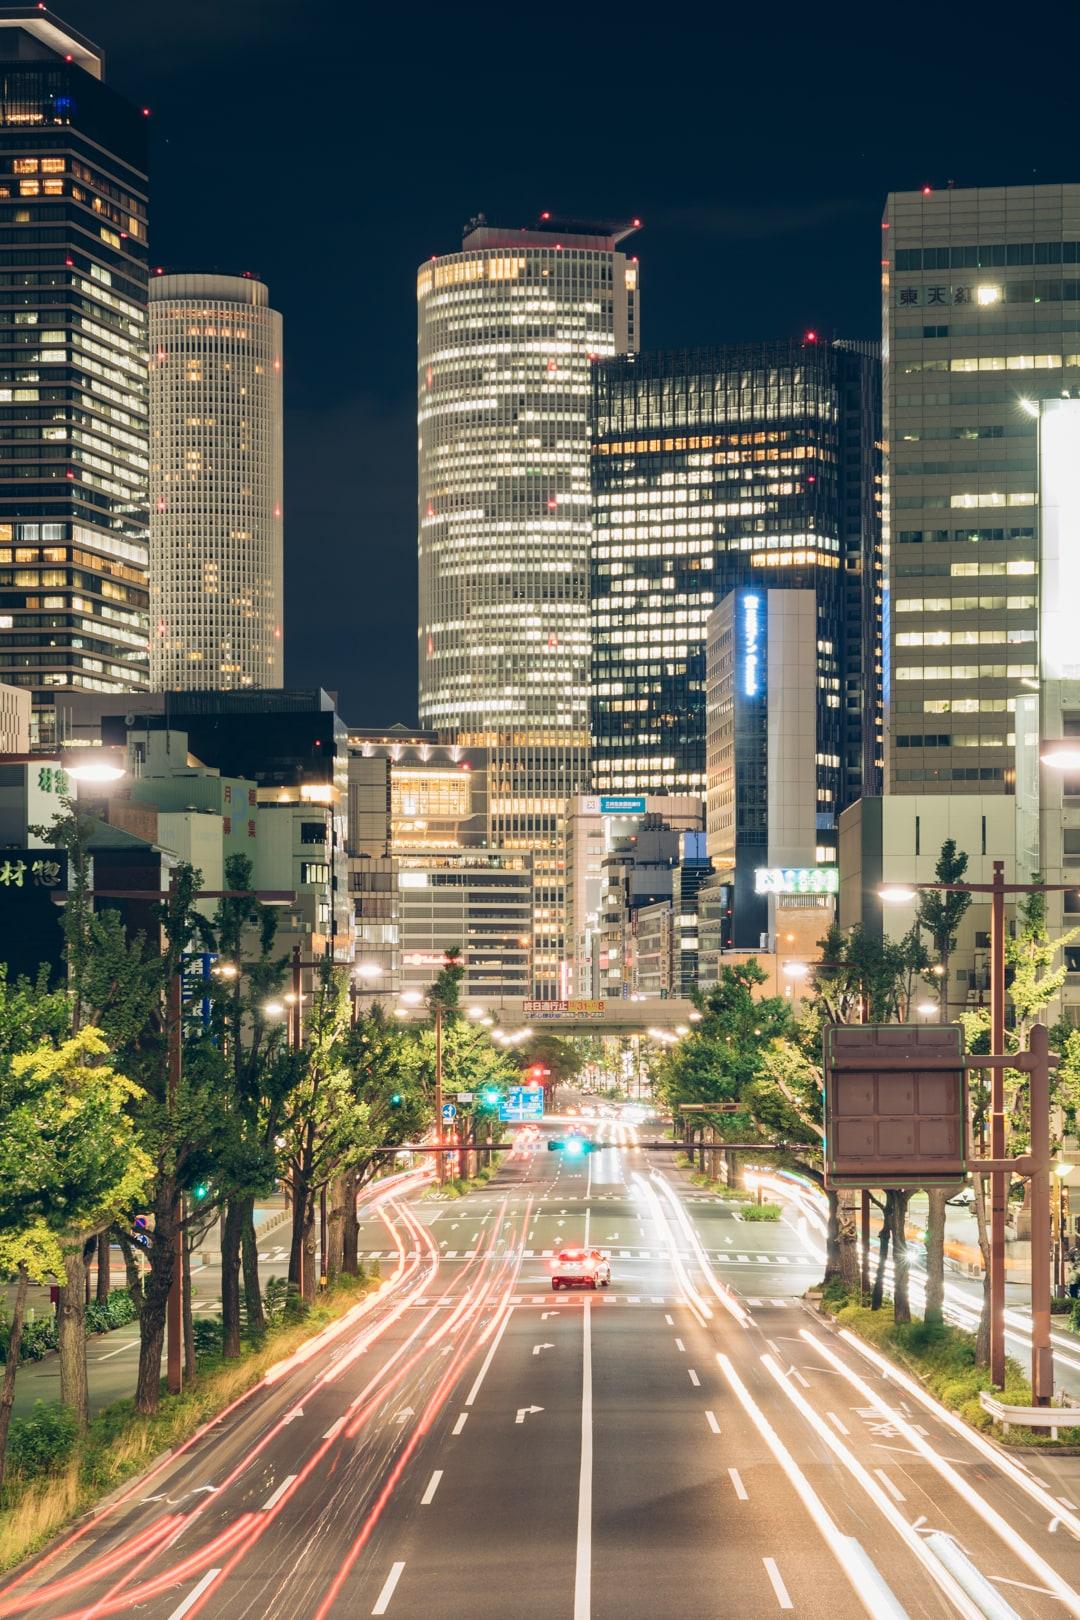 丸の内歩道橋から撮影しいた名古屋駅前の夜景